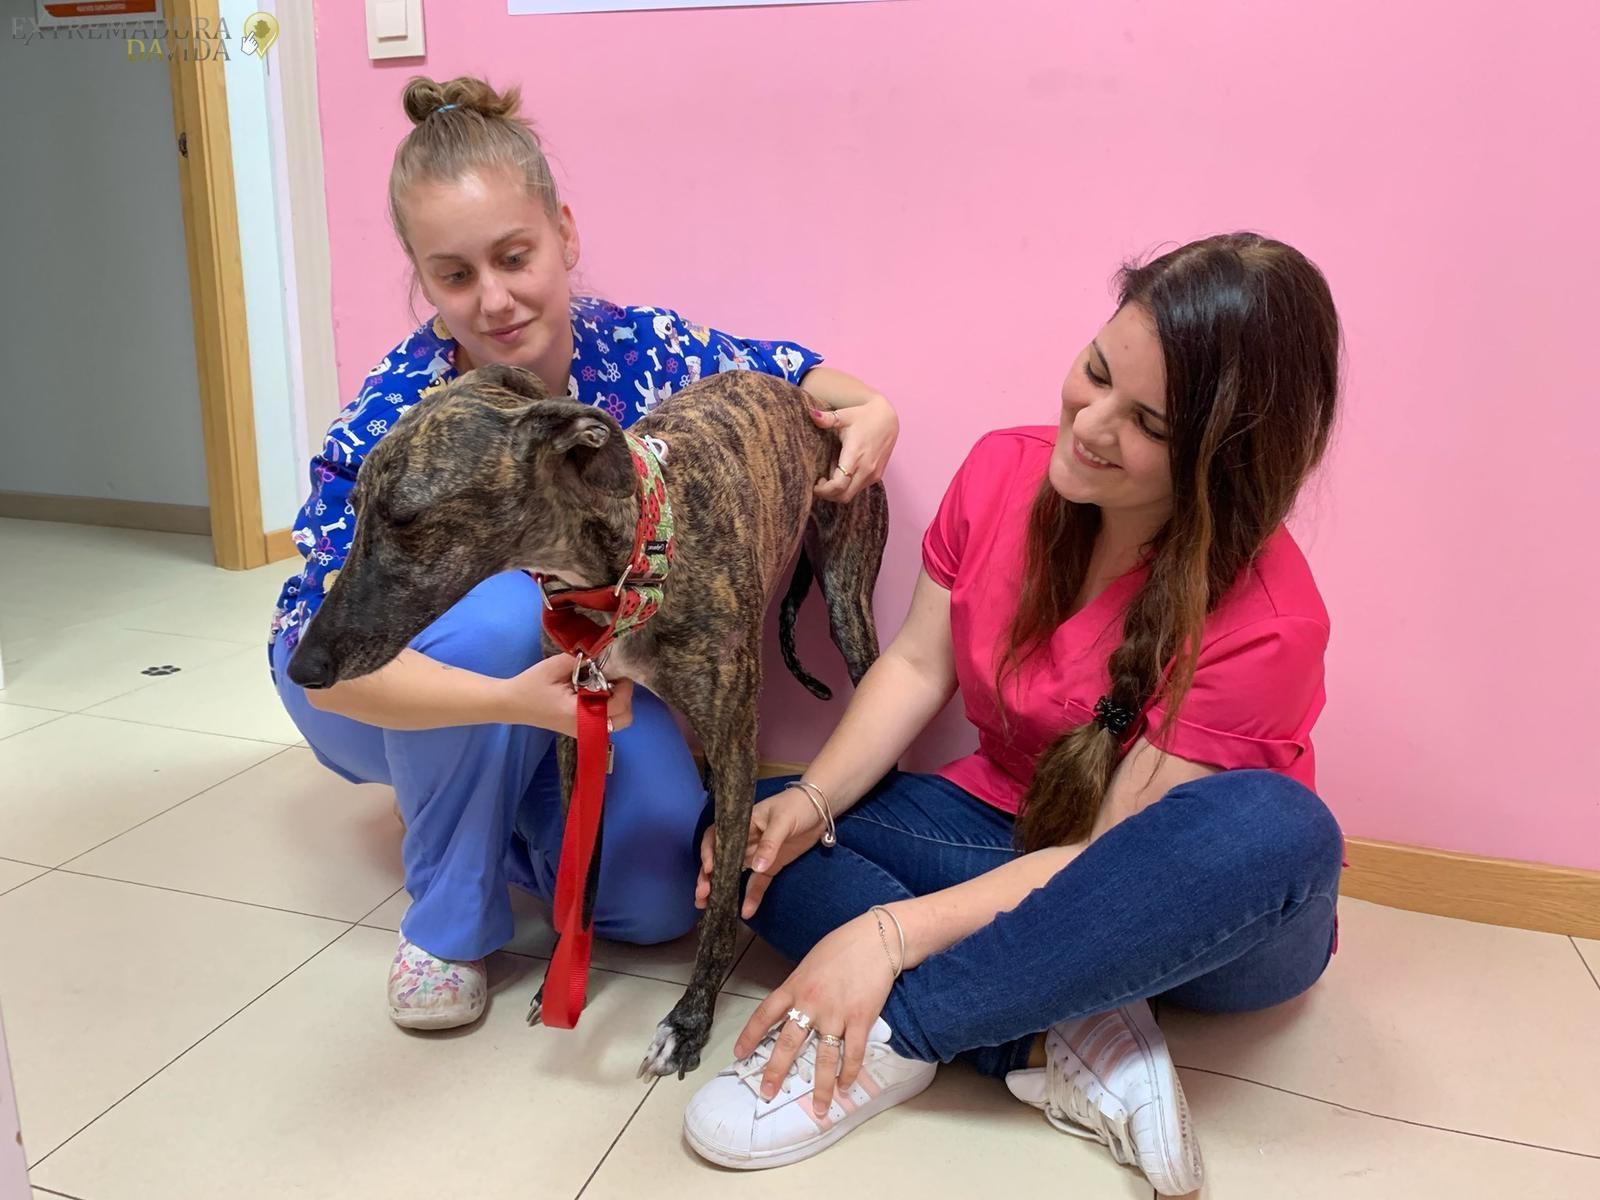 Clínica Veterinaria en la Vera Fatima Paredes Jaraiz de la Vera